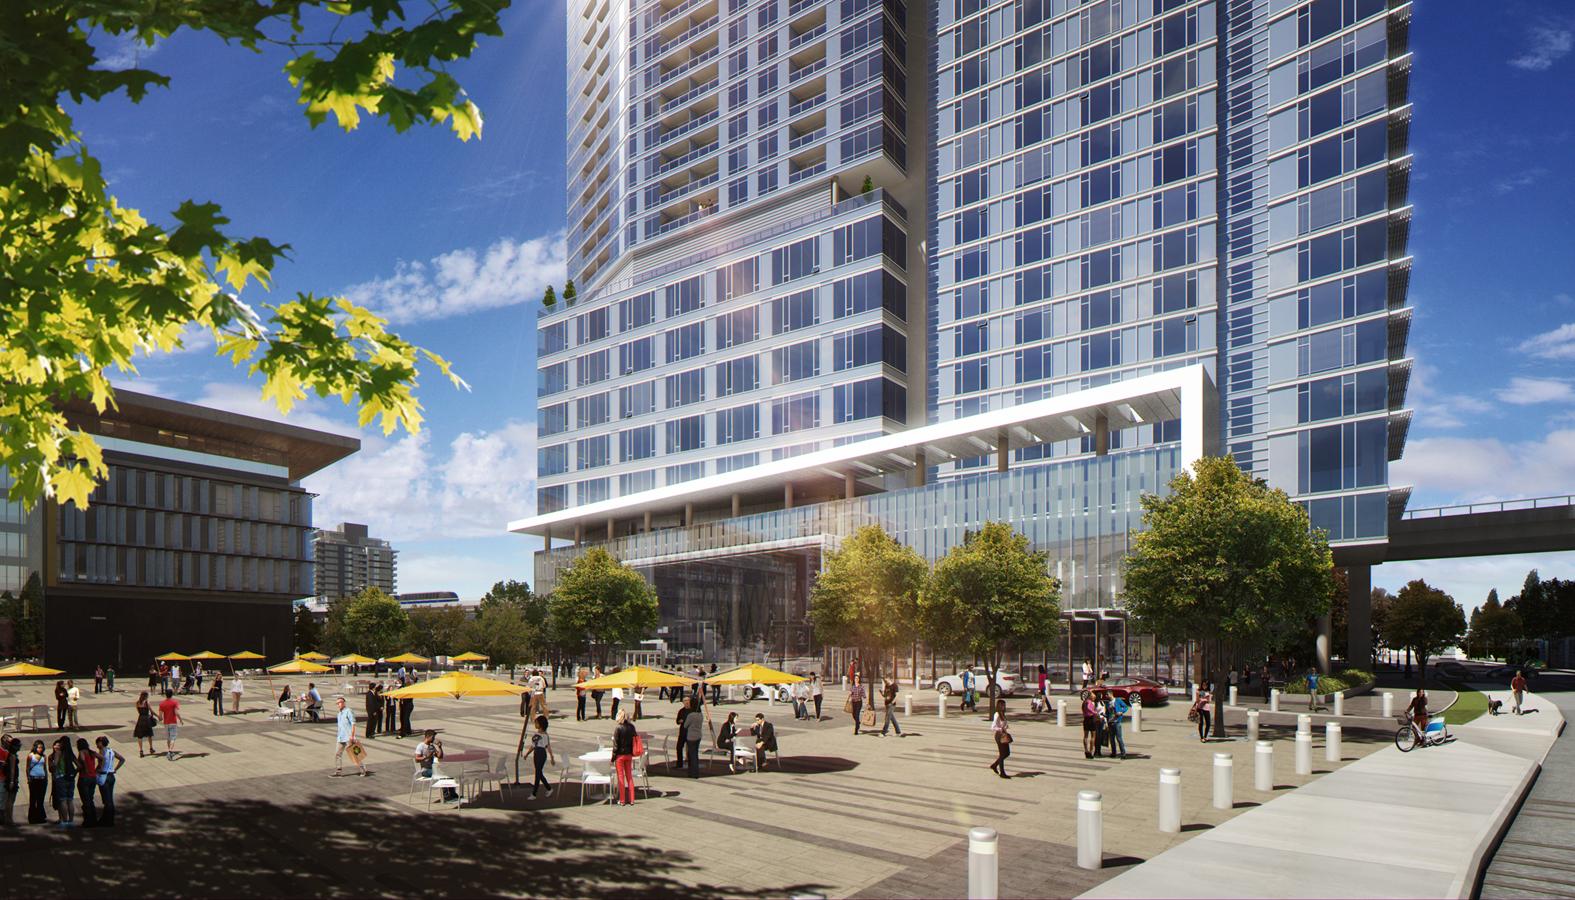 3 Civic Plaza Exterior Rendering Inventive Design